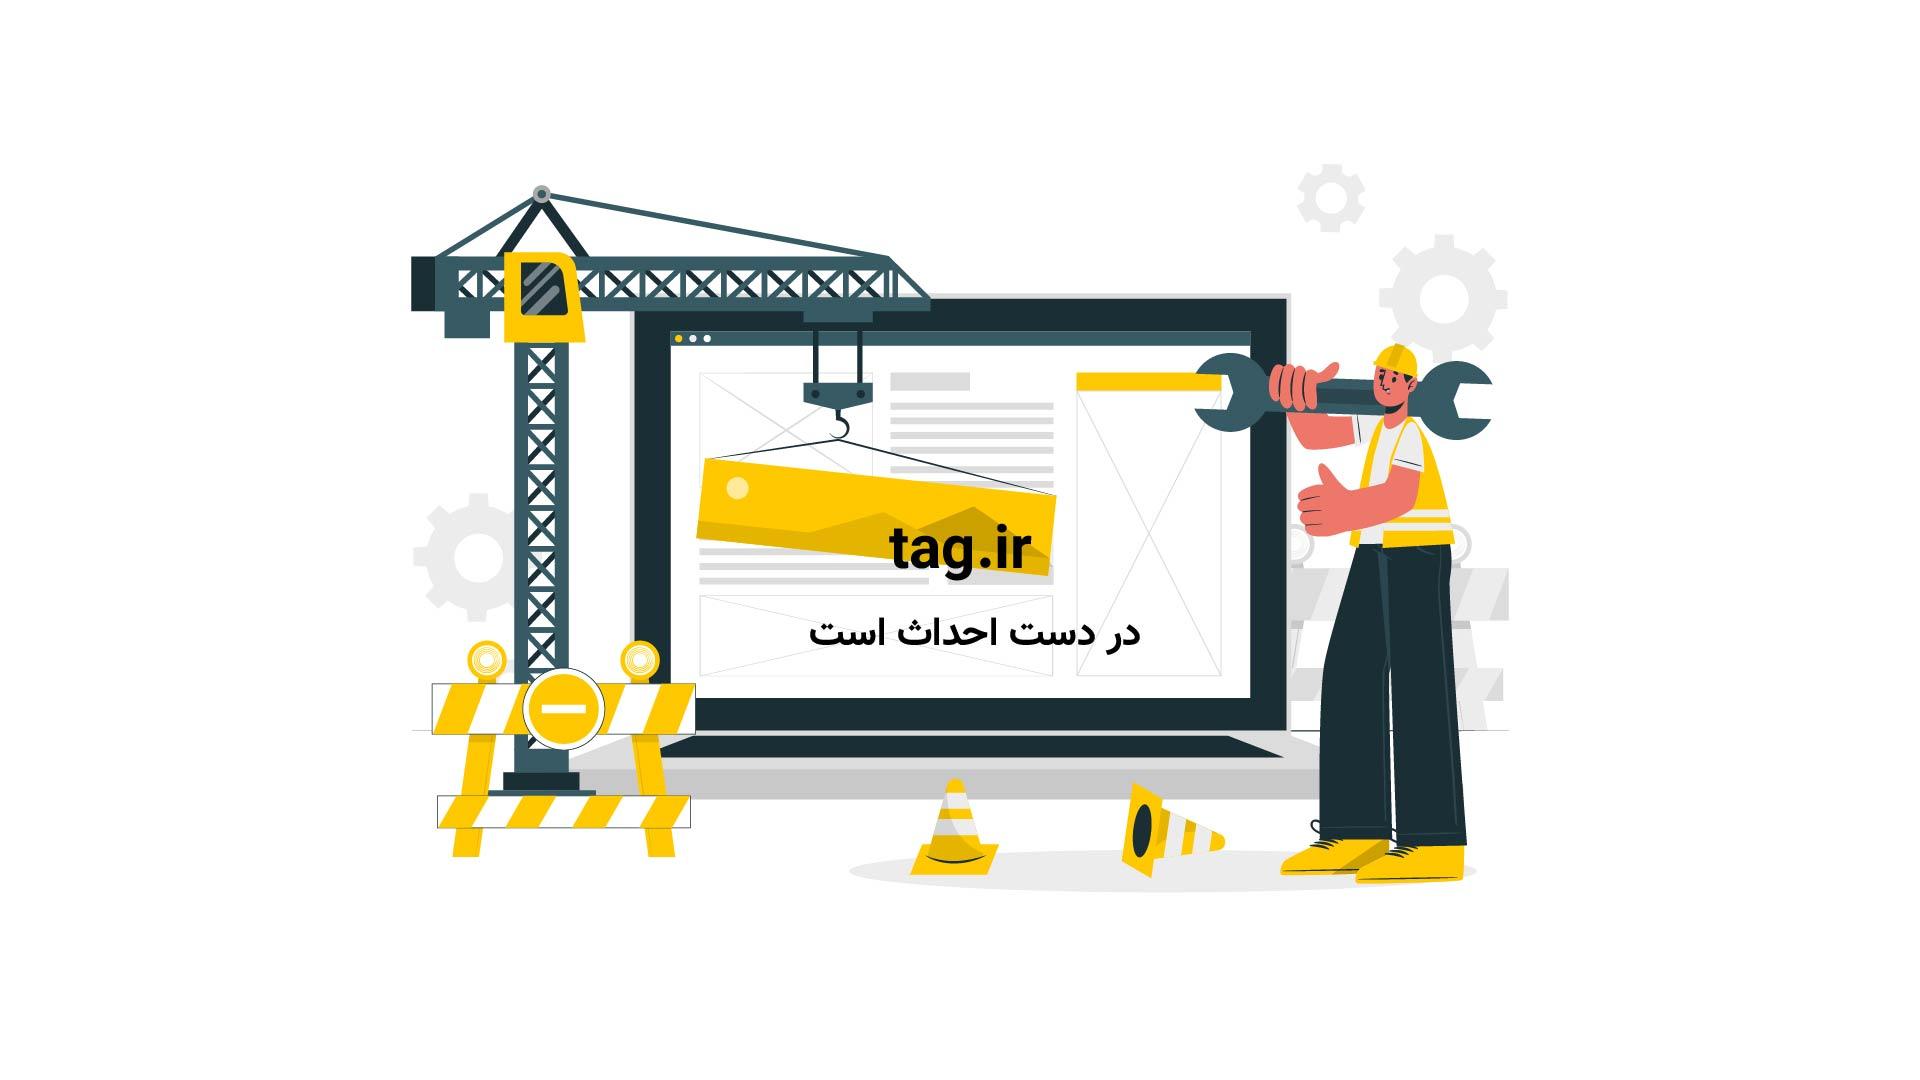 رهبر-انقلاب-اسلامی   تگ